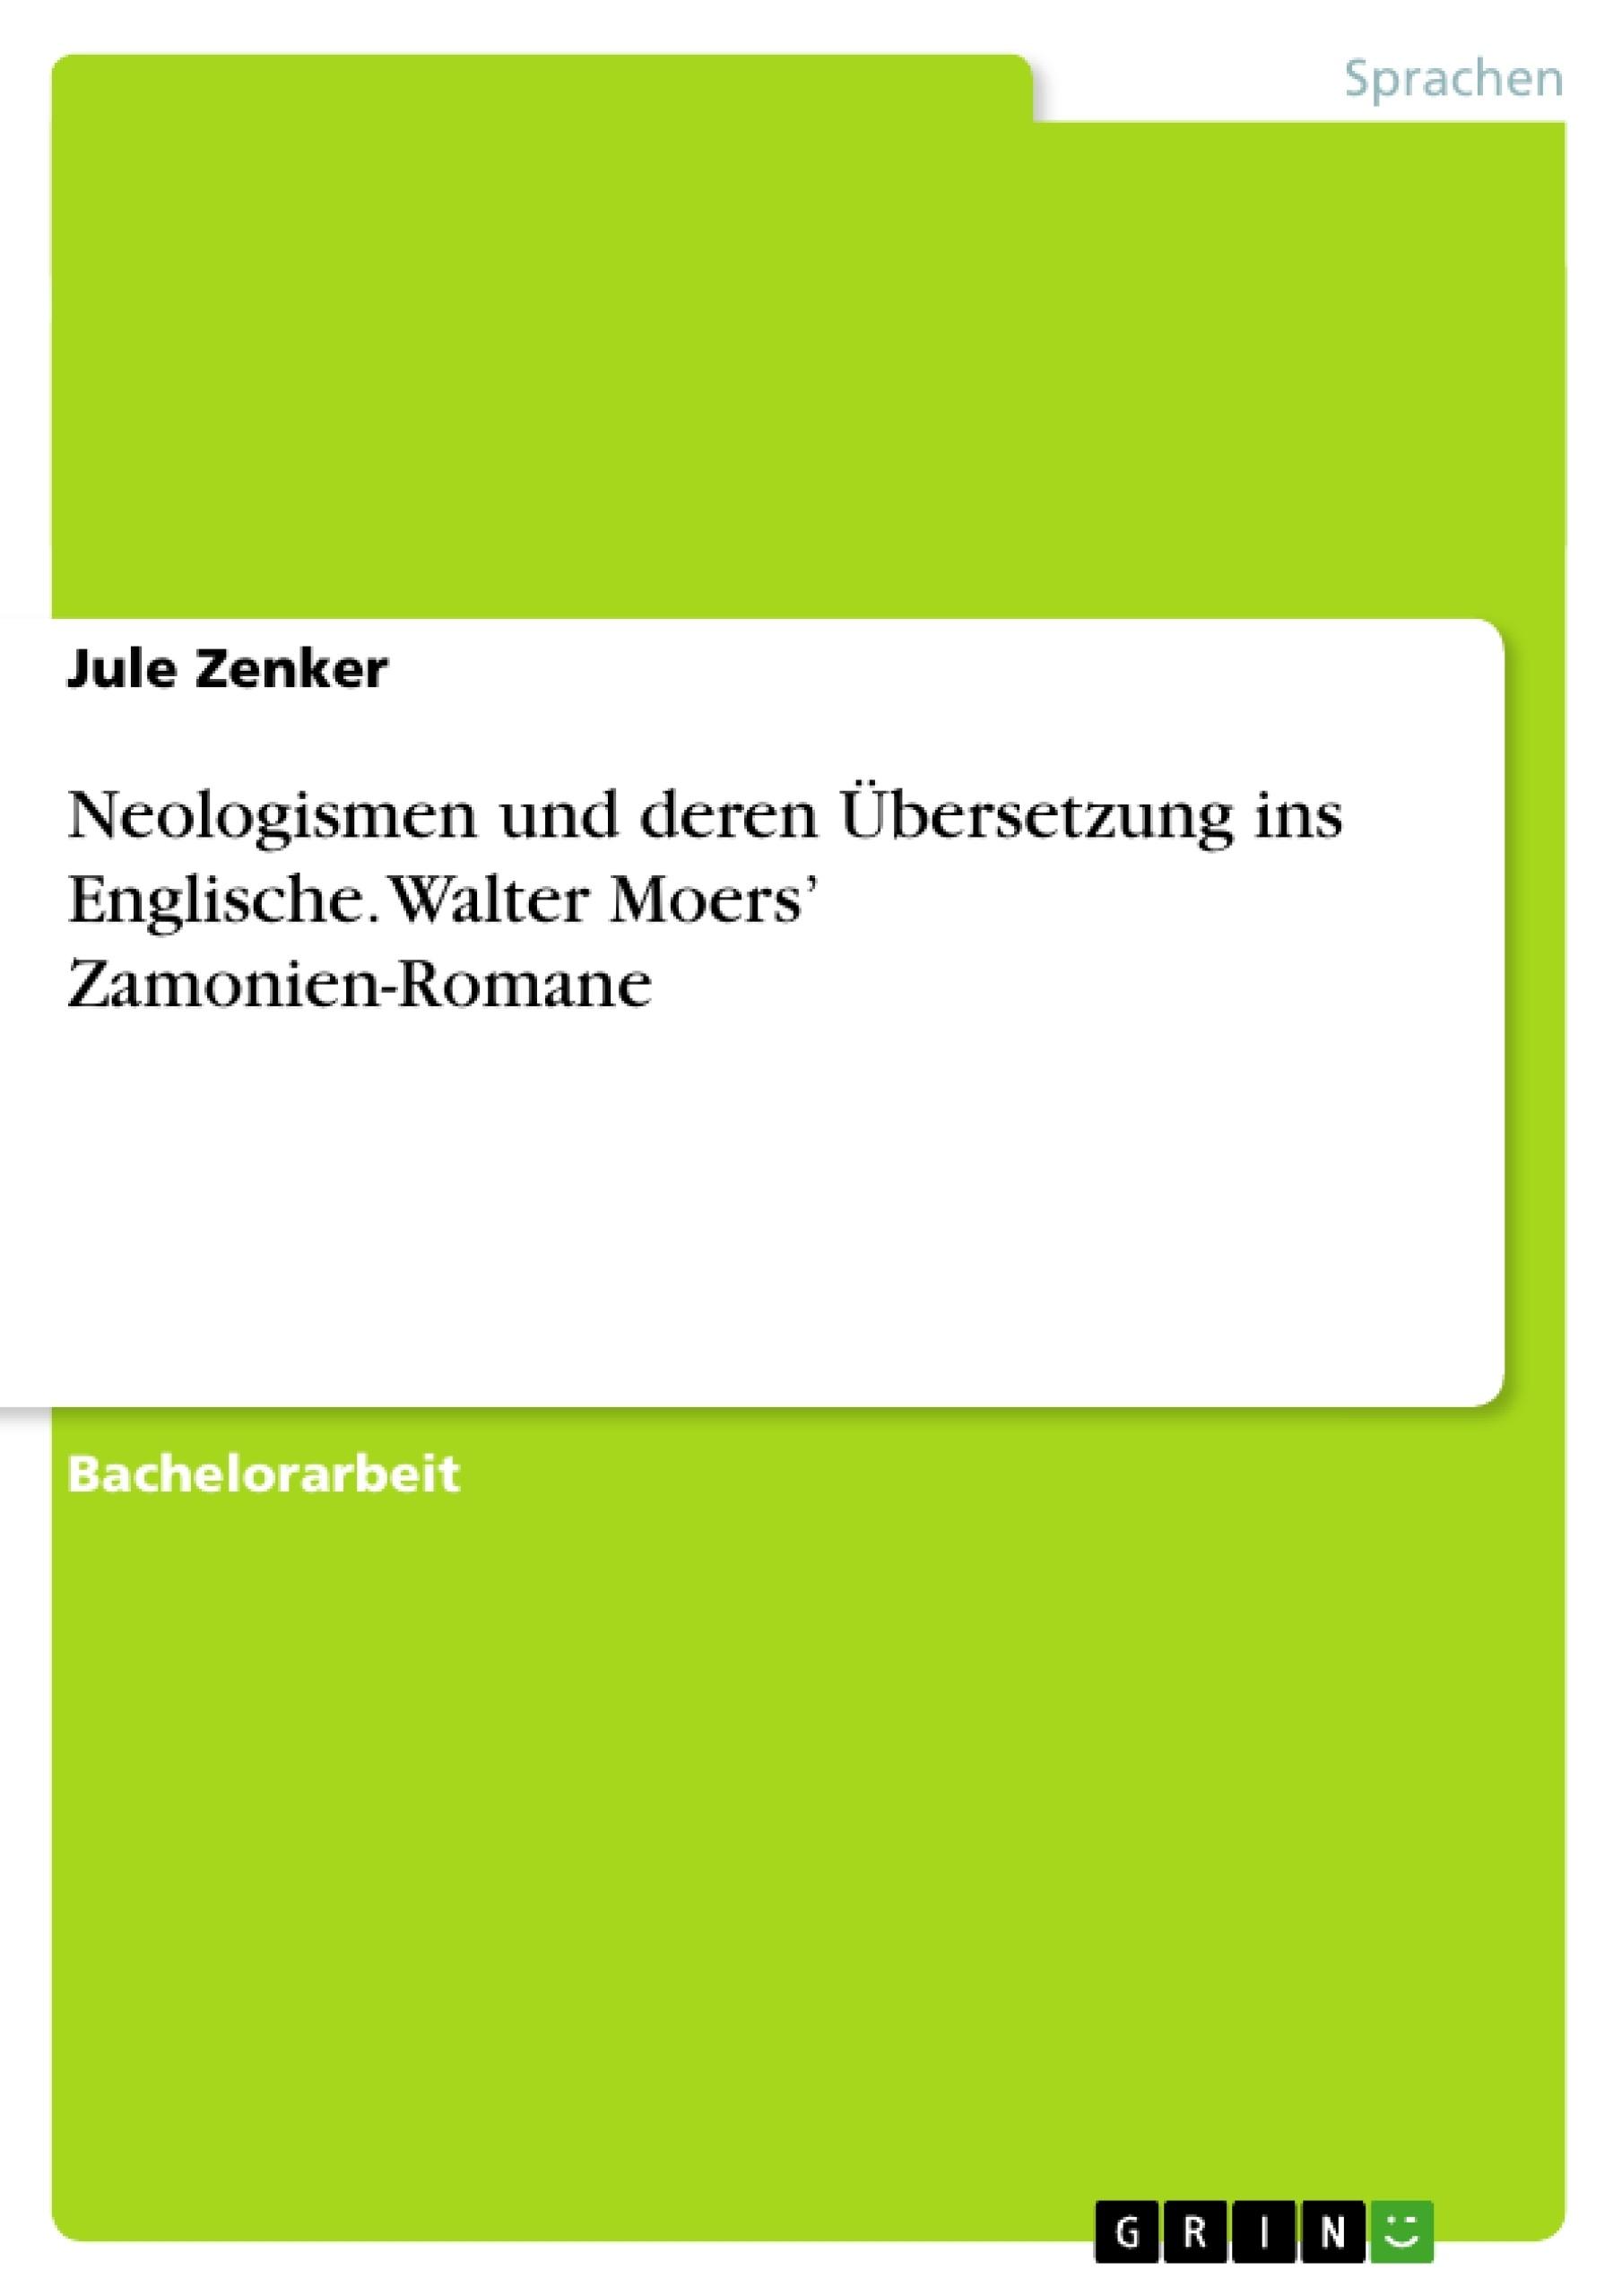 Titel: Neologismen und deren Übersetzung ins Englische. Walter Moers' Zamonien-Romane